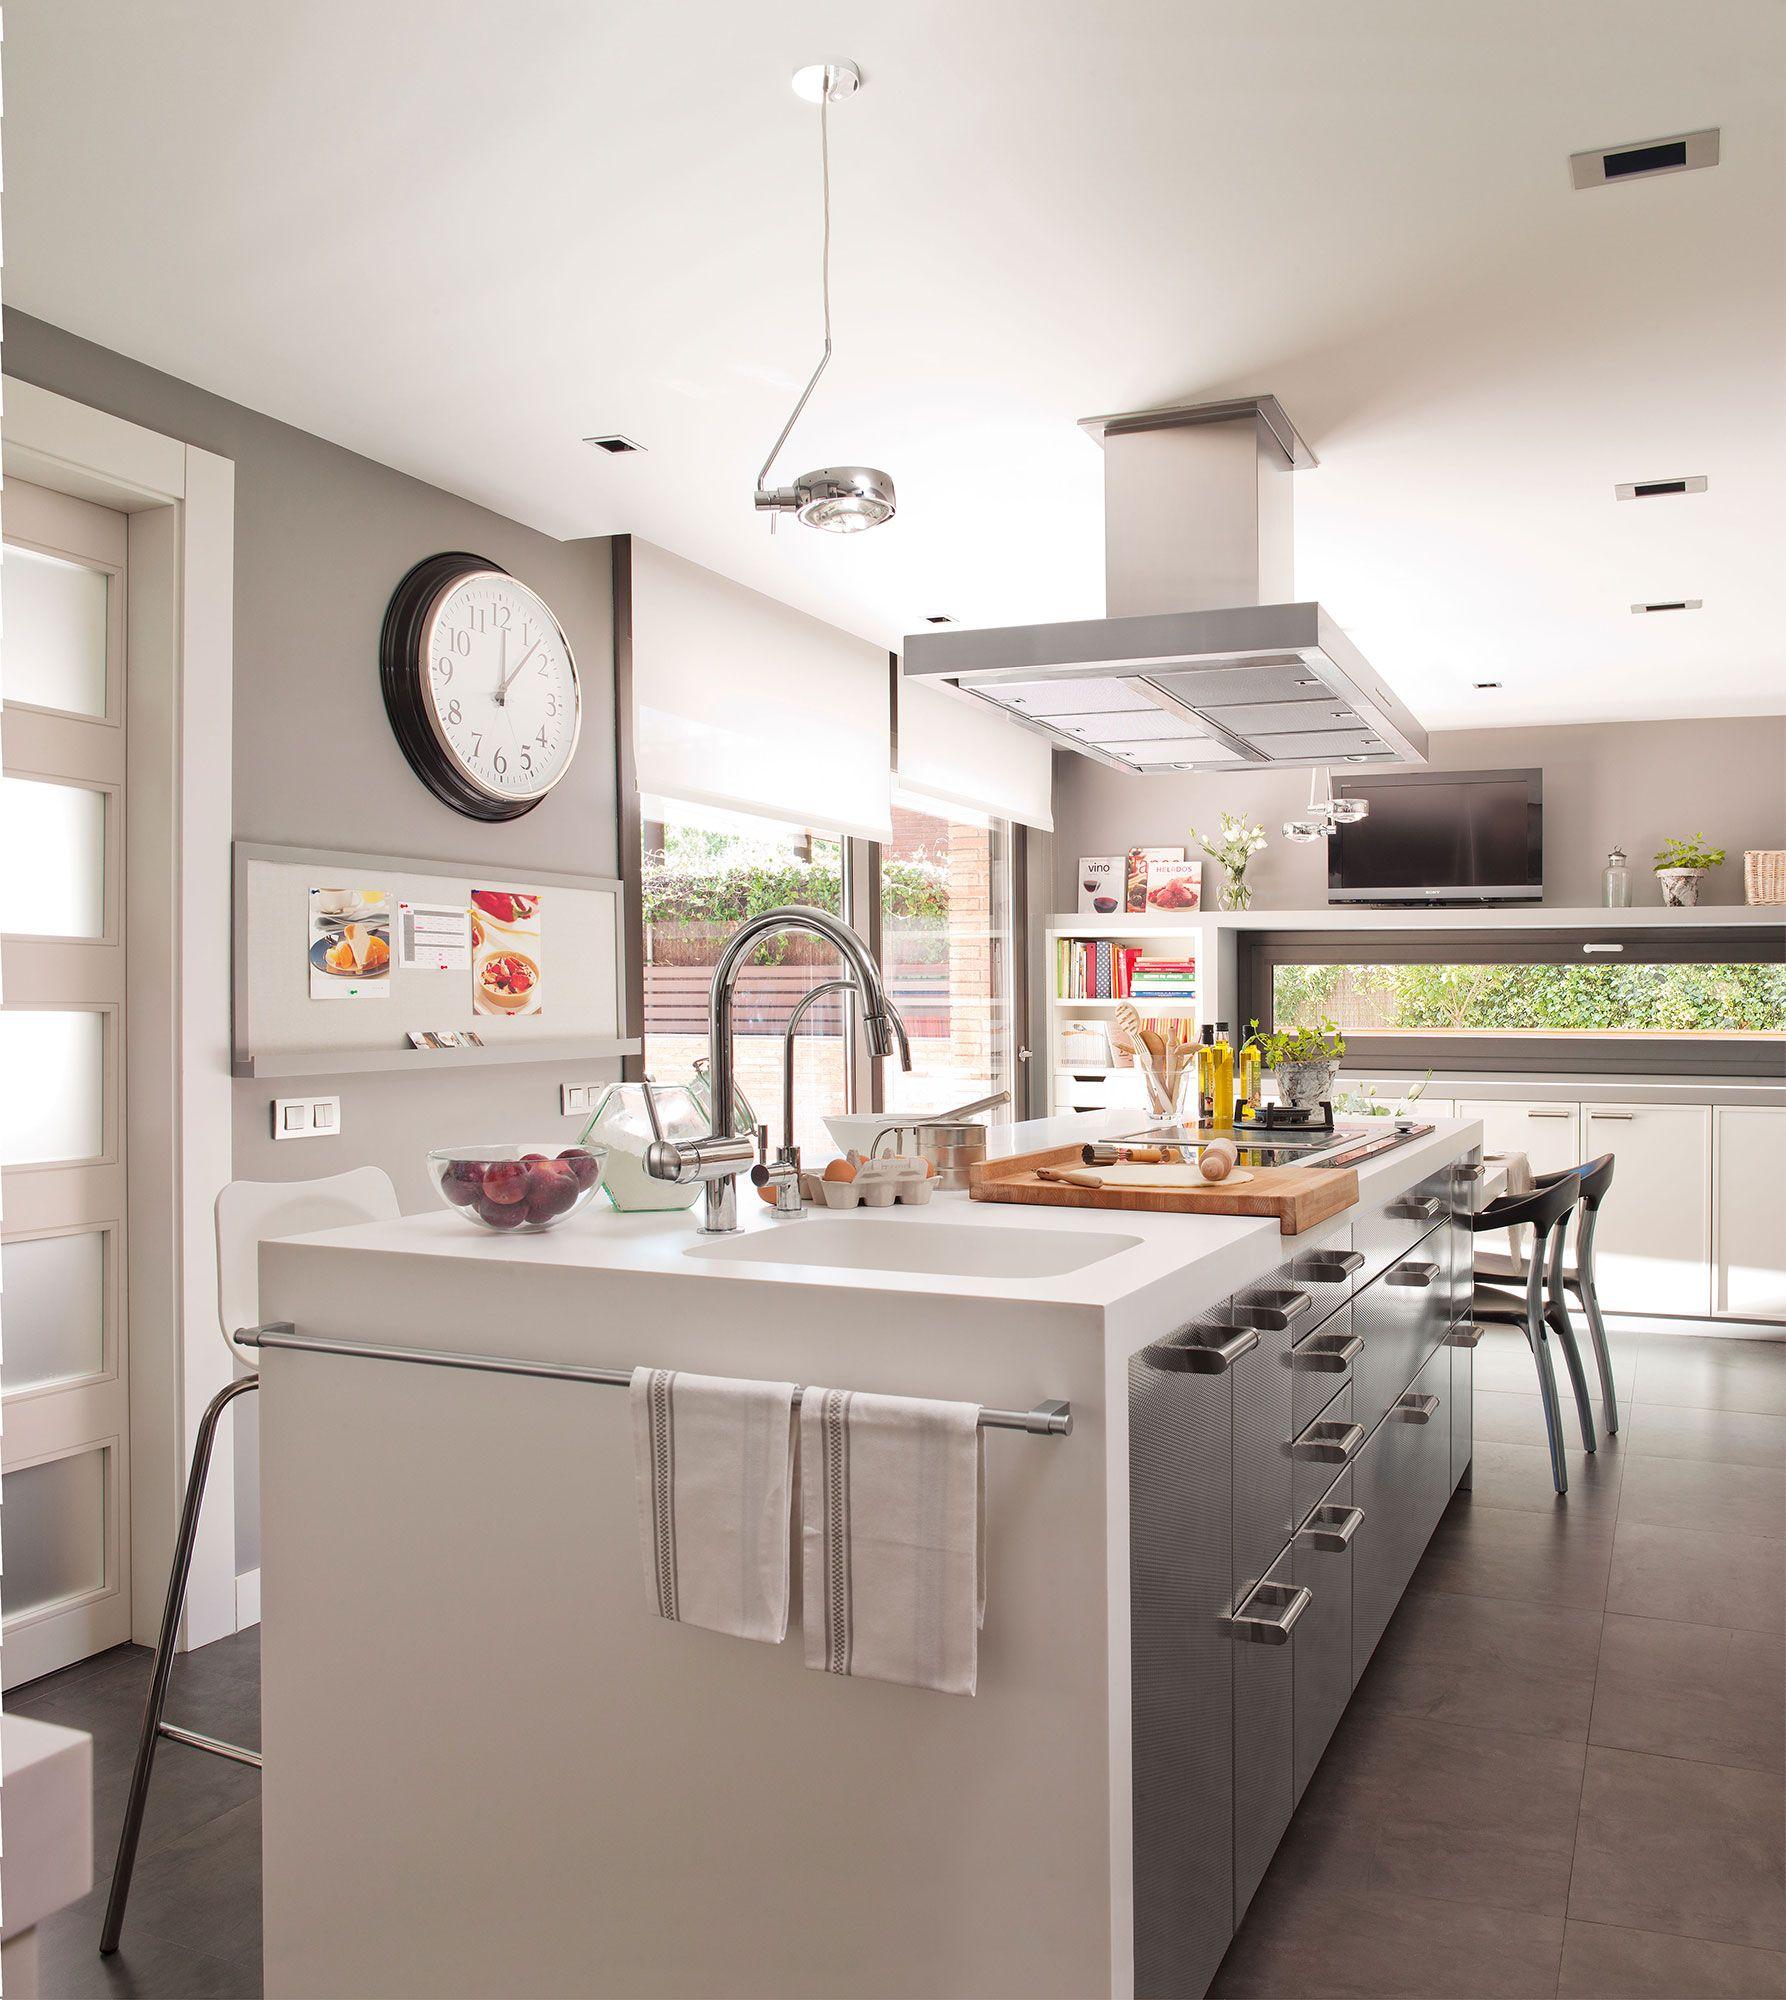 Cocina con isla en blanco y gris | Cocina con isla, Islas de cocina ...